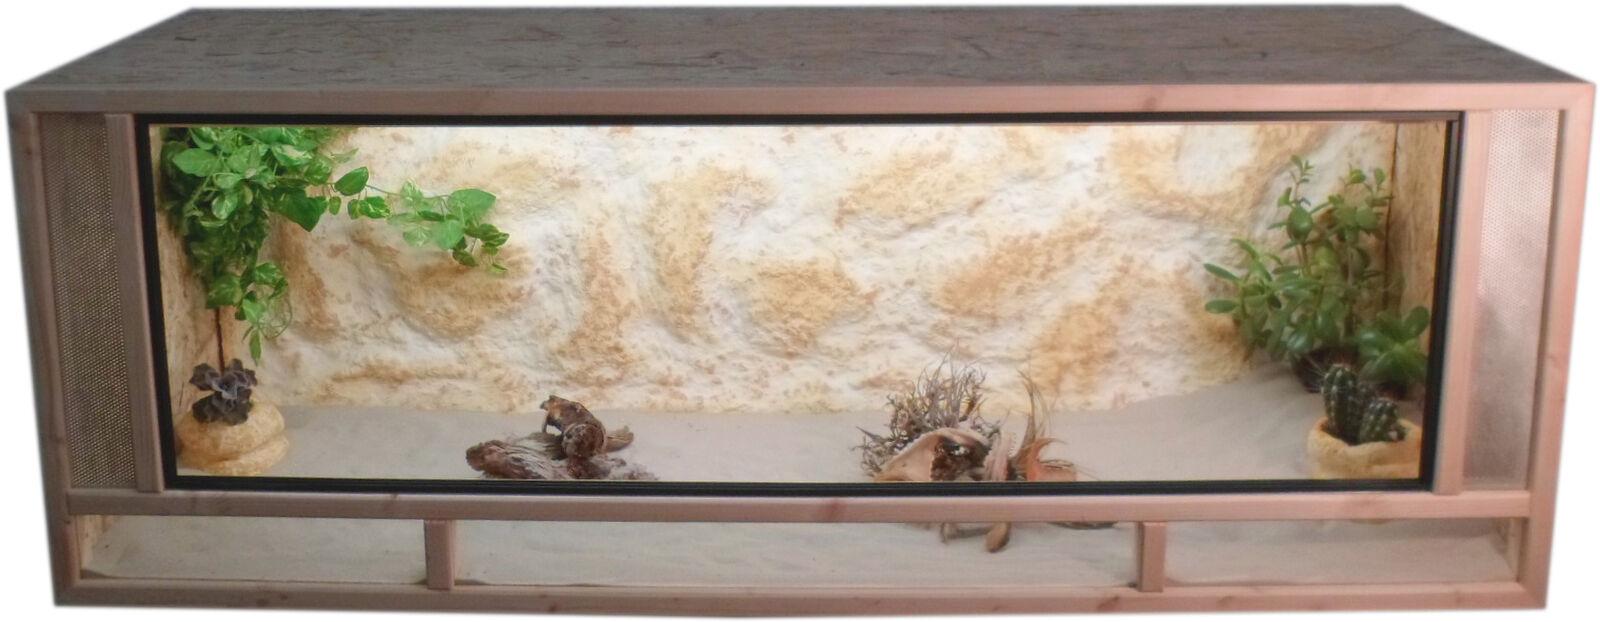 OSB - Holz Terrarium - Front aus massiven Fichtenhholzrahmen - 140x60x60cm